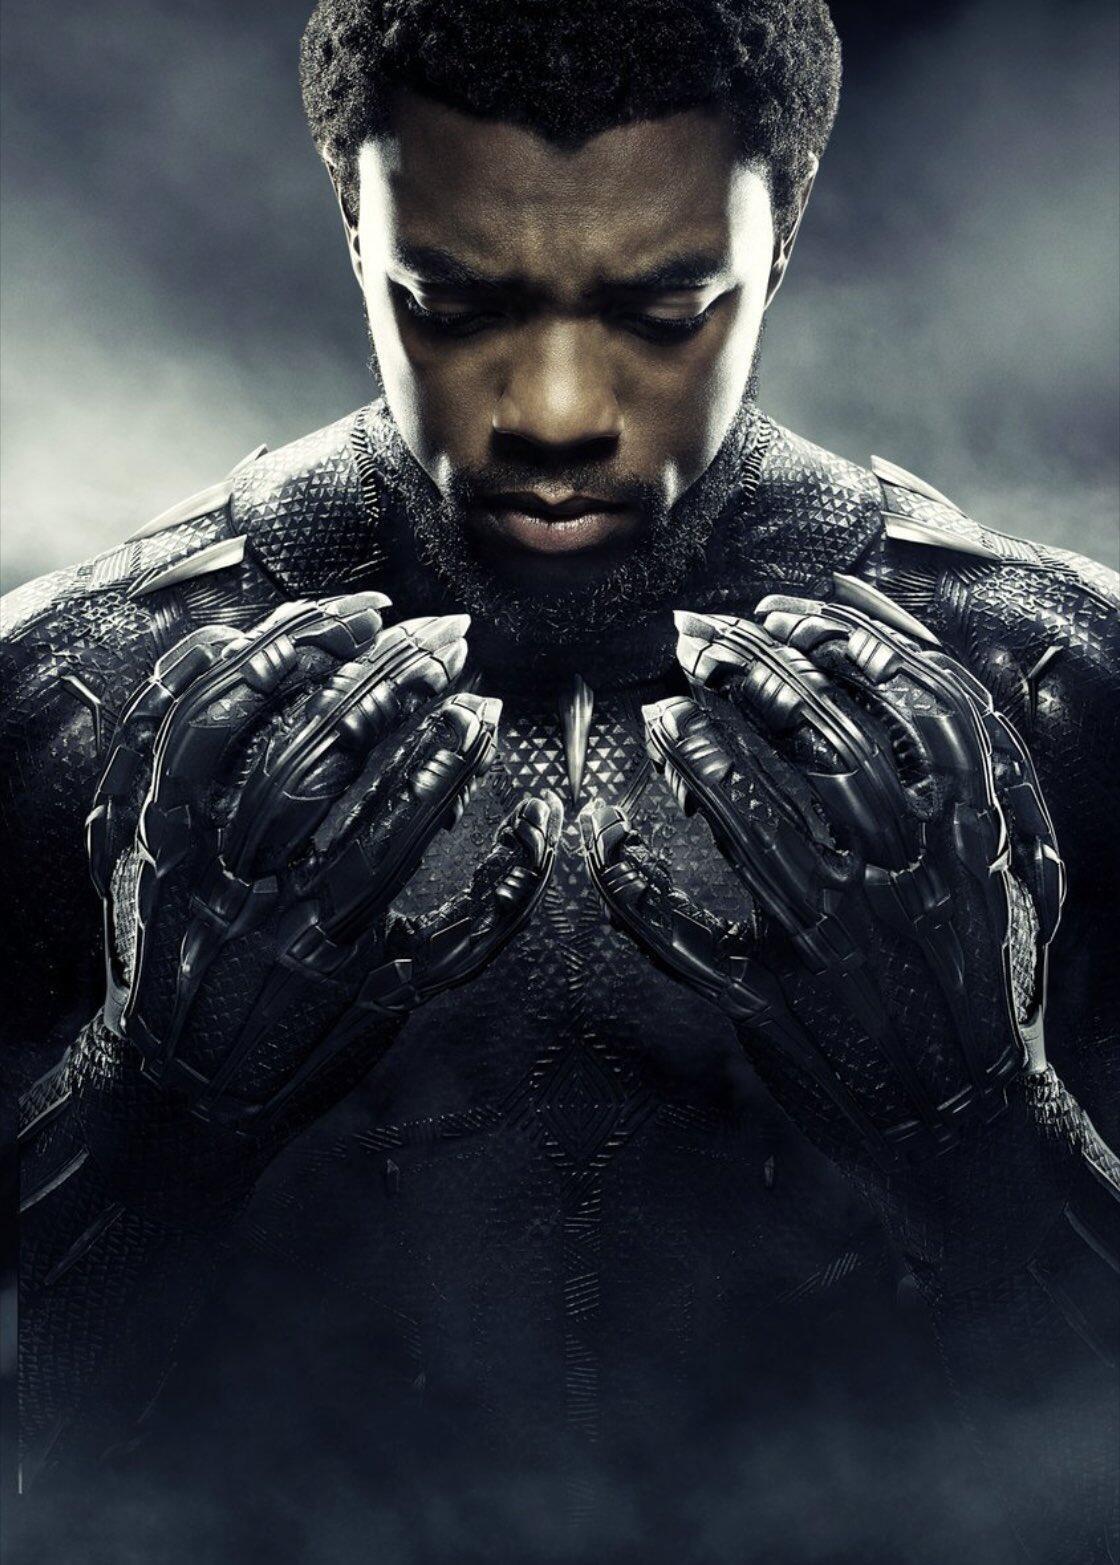 Chadwick Boseman se tornou o primeiro ator negro a interpretar um super-herói, como protagonista de Pantera Negra.